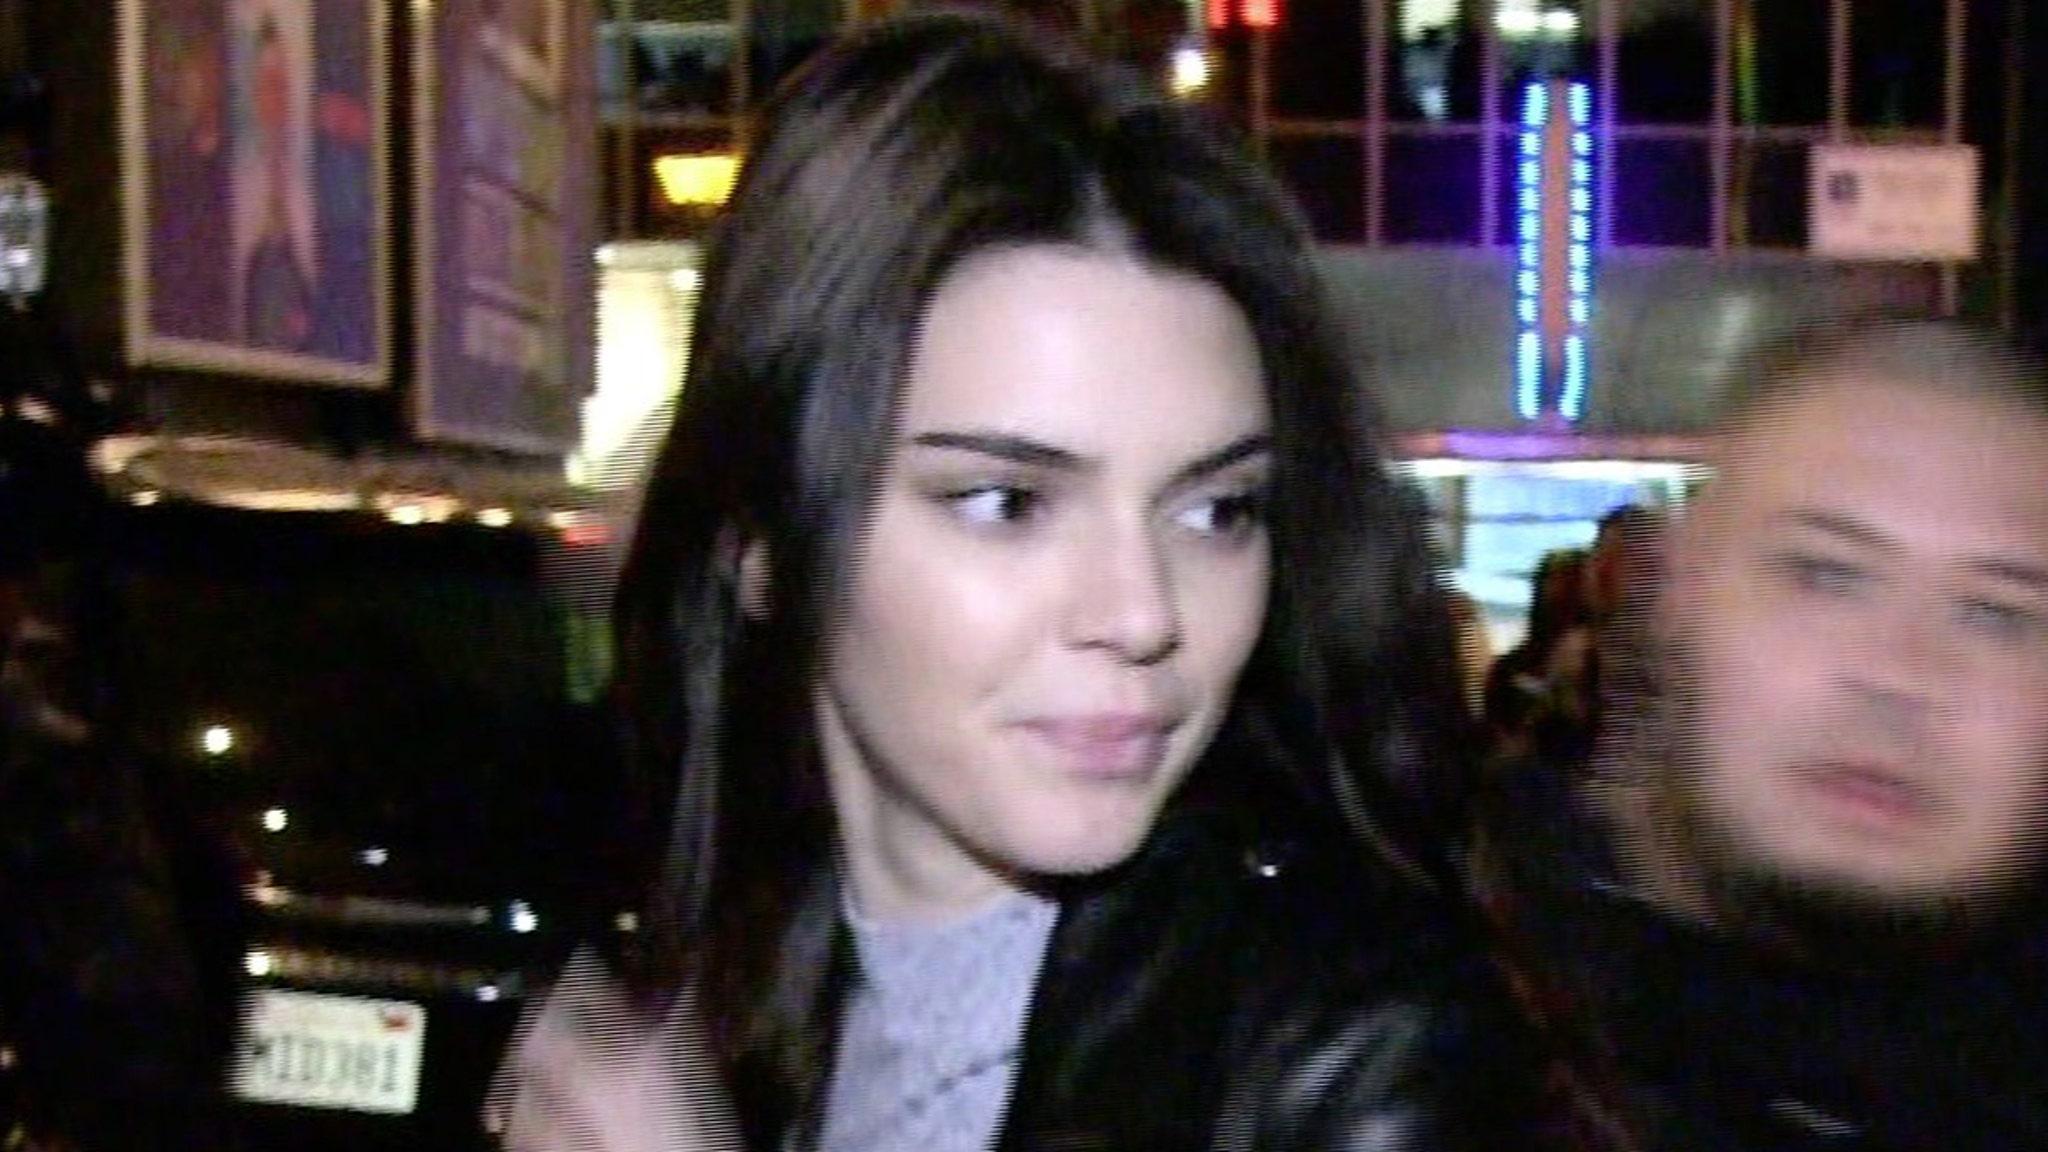 Kendall Jenner Intruder Arrested After Scaling Neighborhood Fence